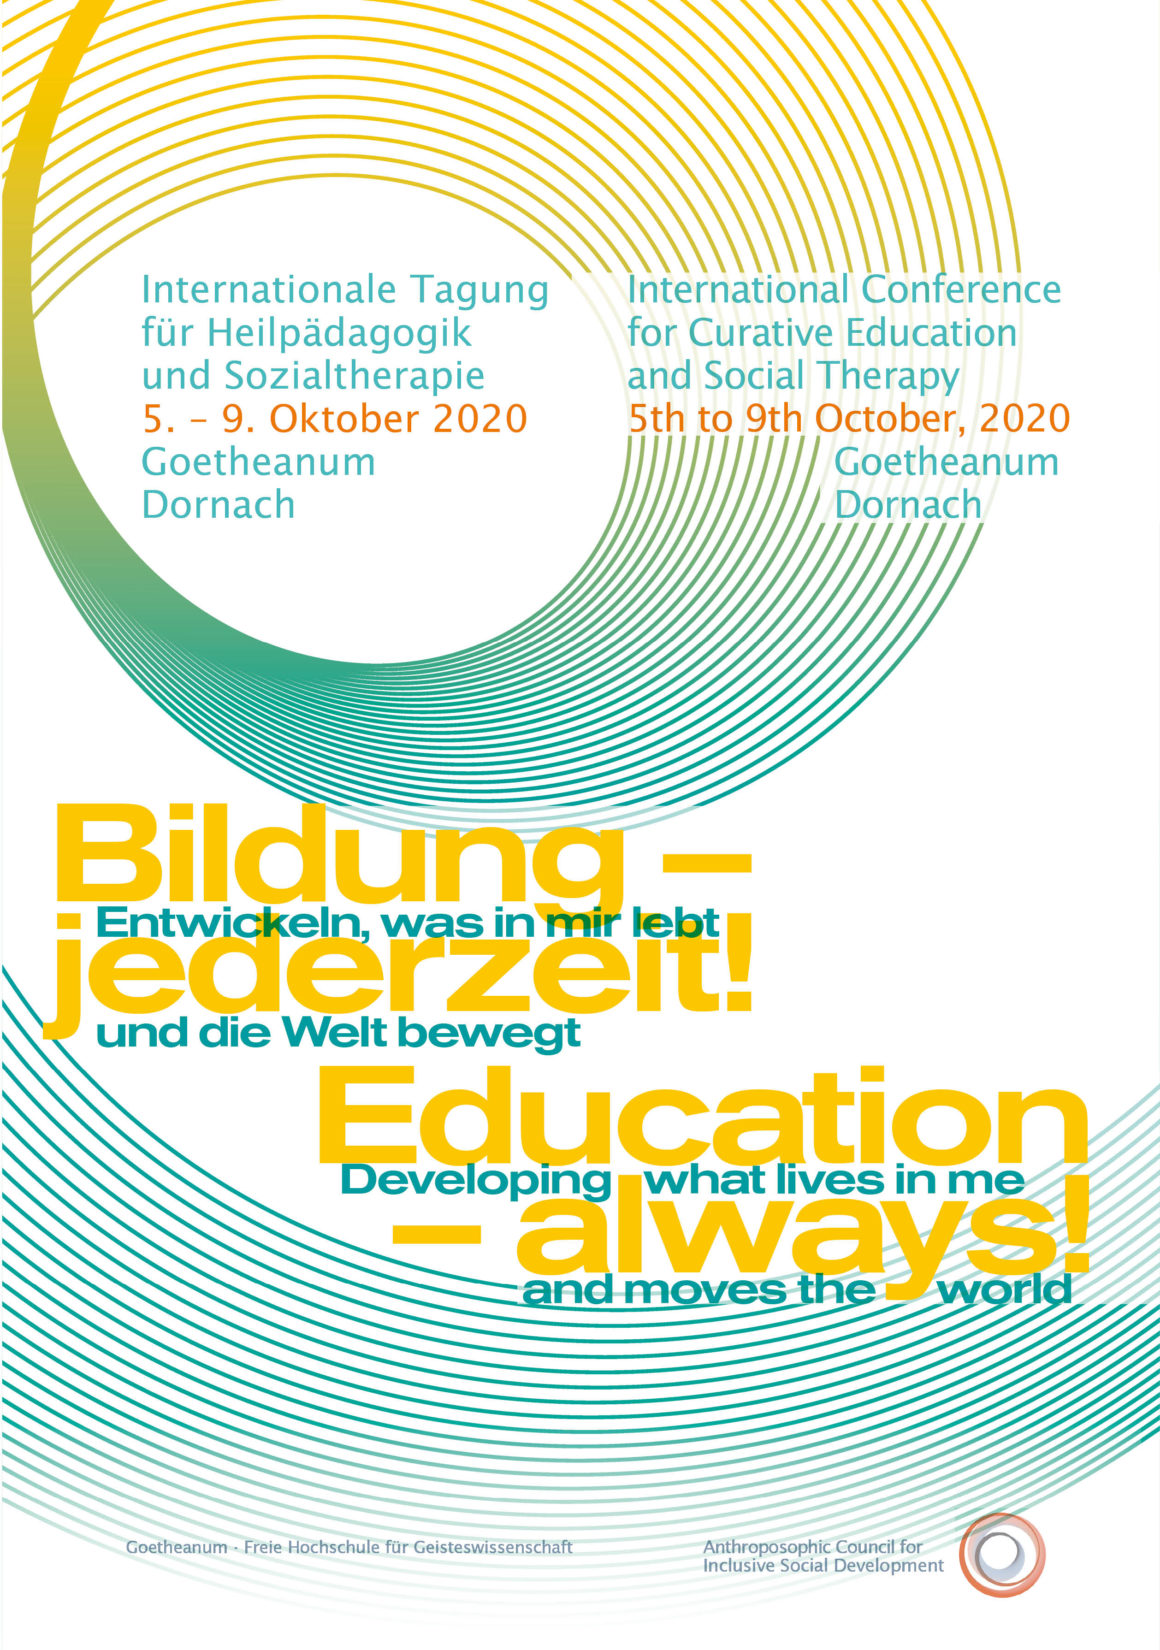 Internationale Tagung 2020: Videos der Vorträge jetzt verfügbar!